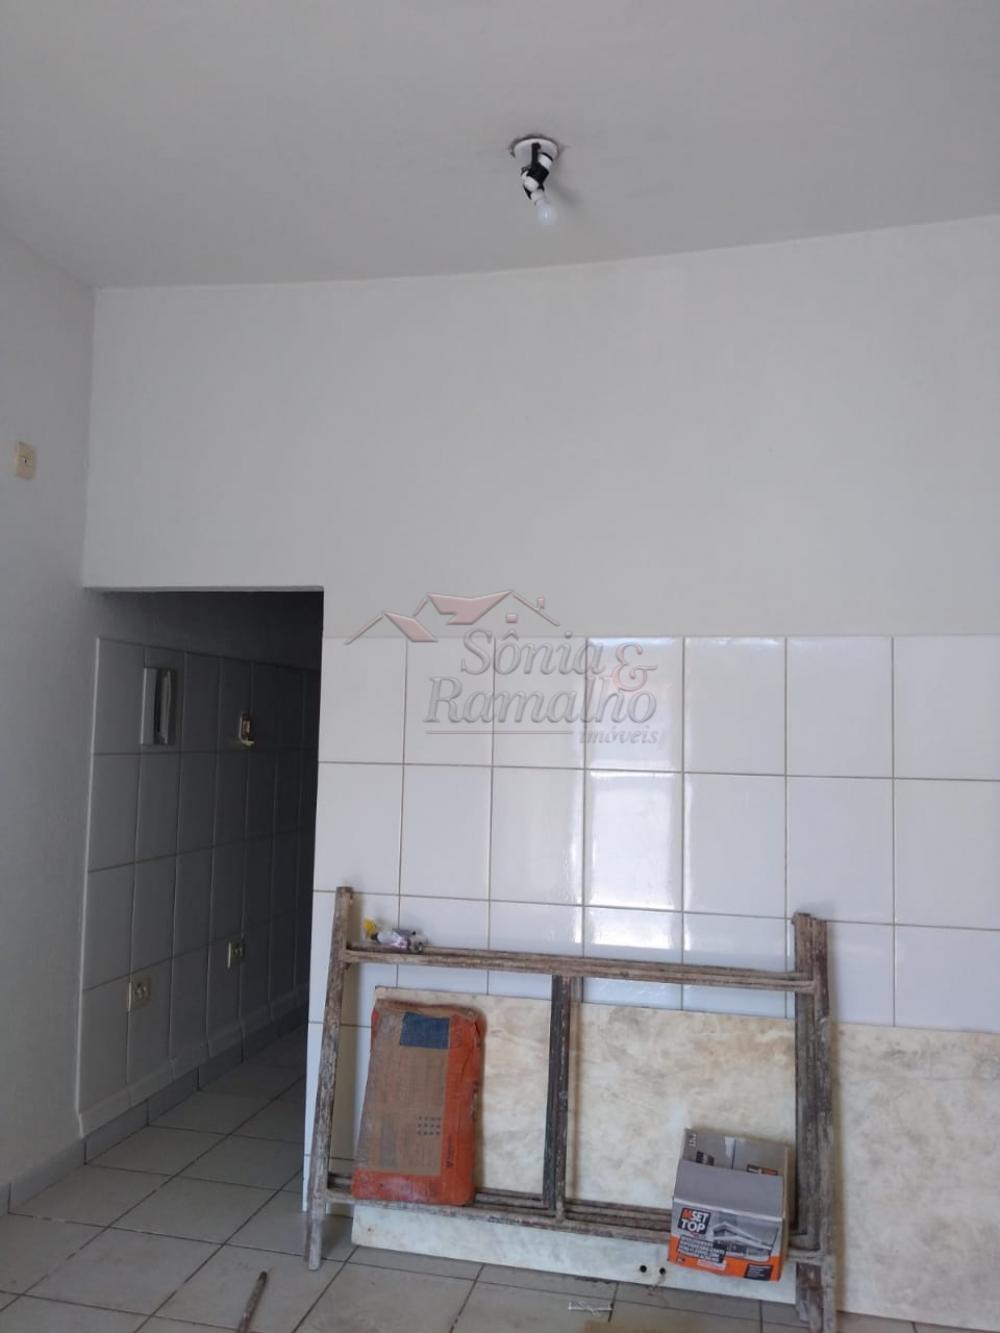 Alugar Comercial / Salão comercial em Ribeirão Preto apenas R$ 750,00 - Foto 10